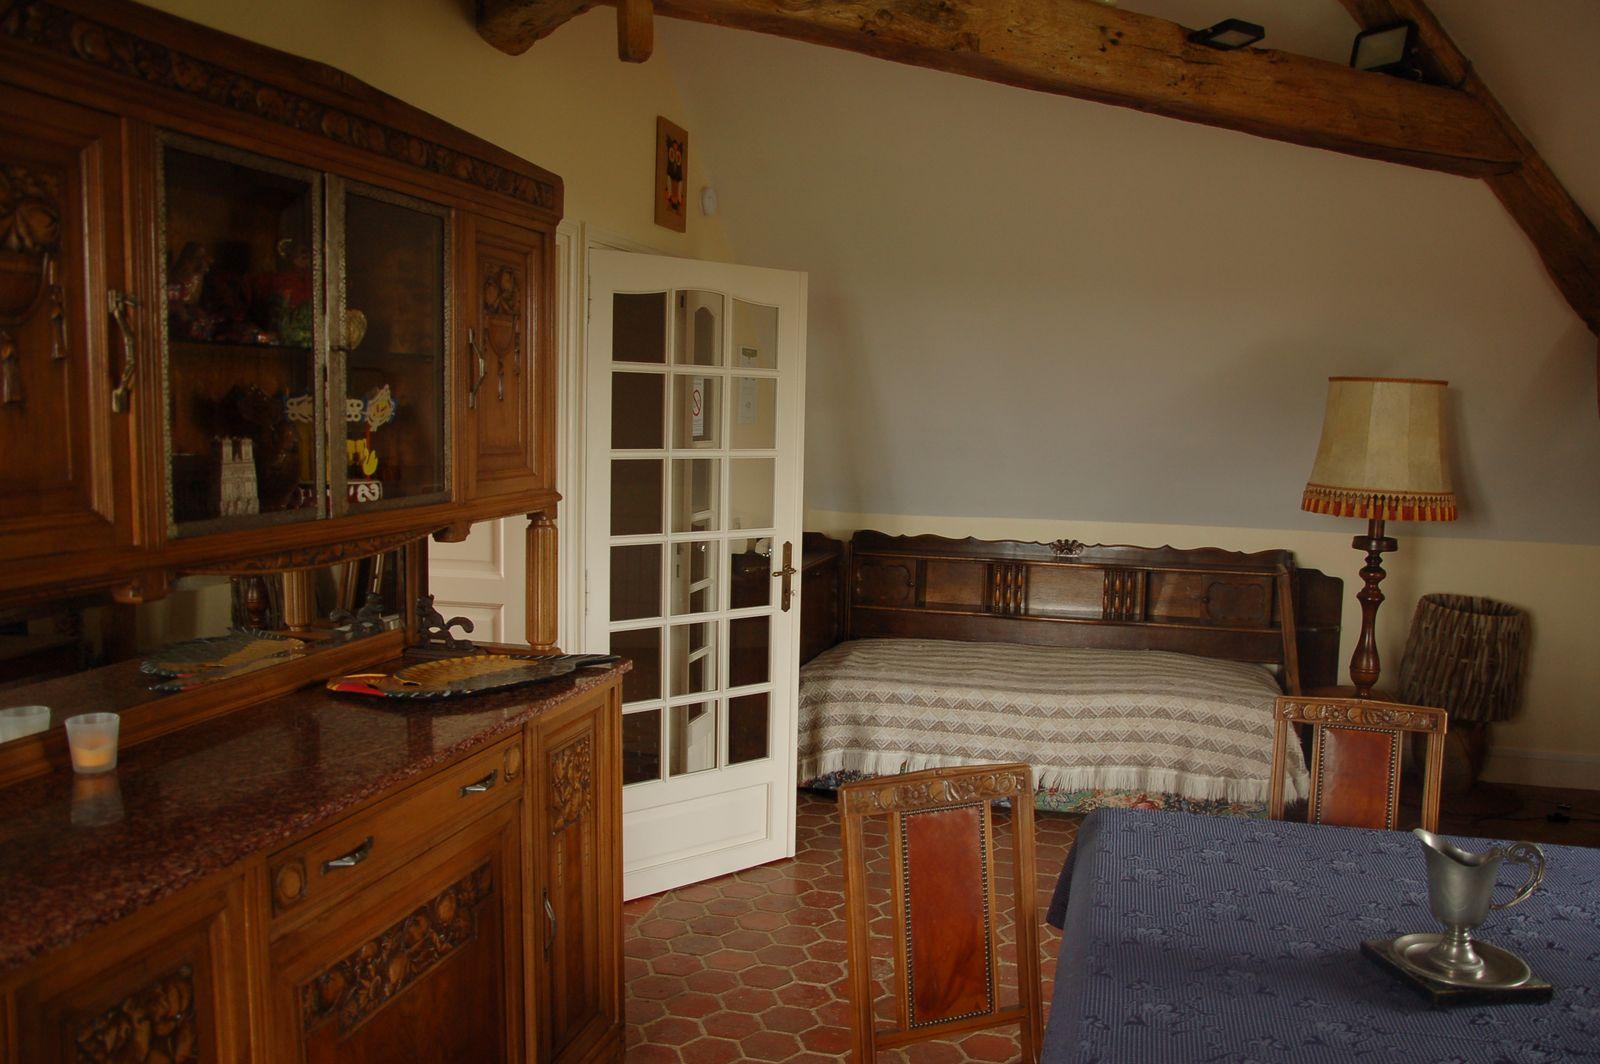 Pièce à vivre à l'étage avec TV, jeux de société, etc ainsi que possibilité de couchage. 51G465 - Le Cabanon Champenois - Ambonnay - Gîtes de France Marne